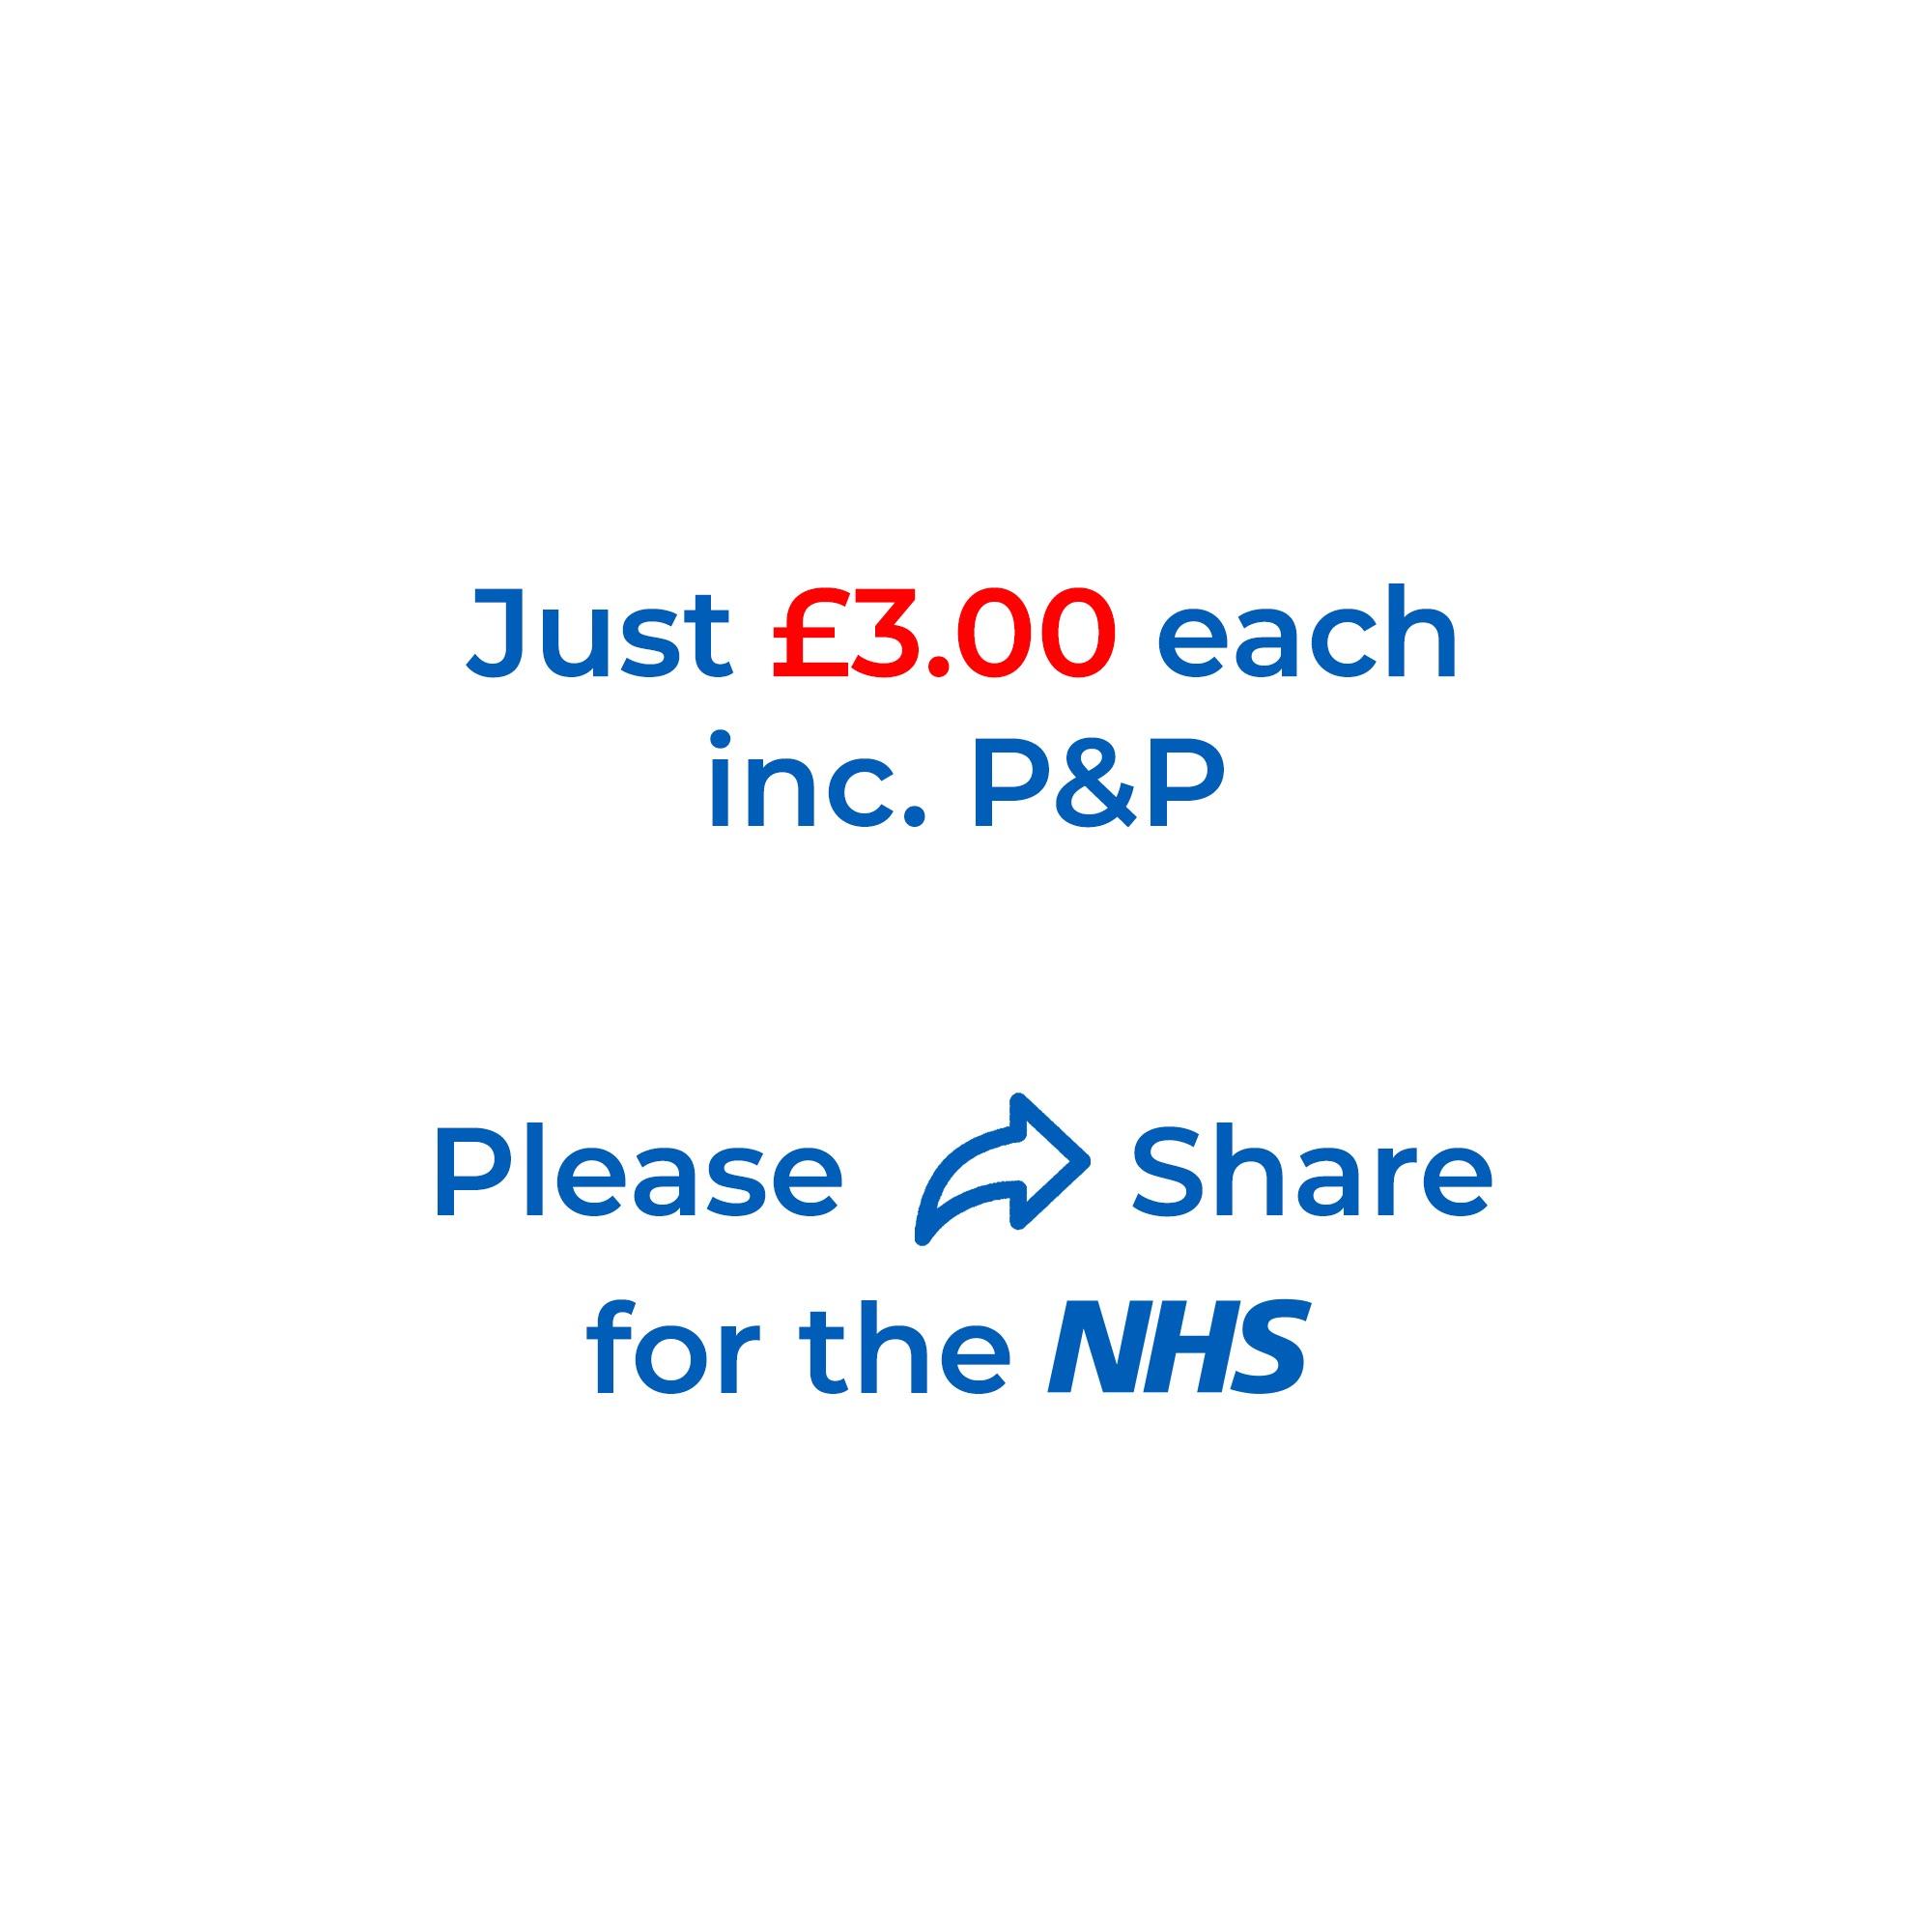 share £3